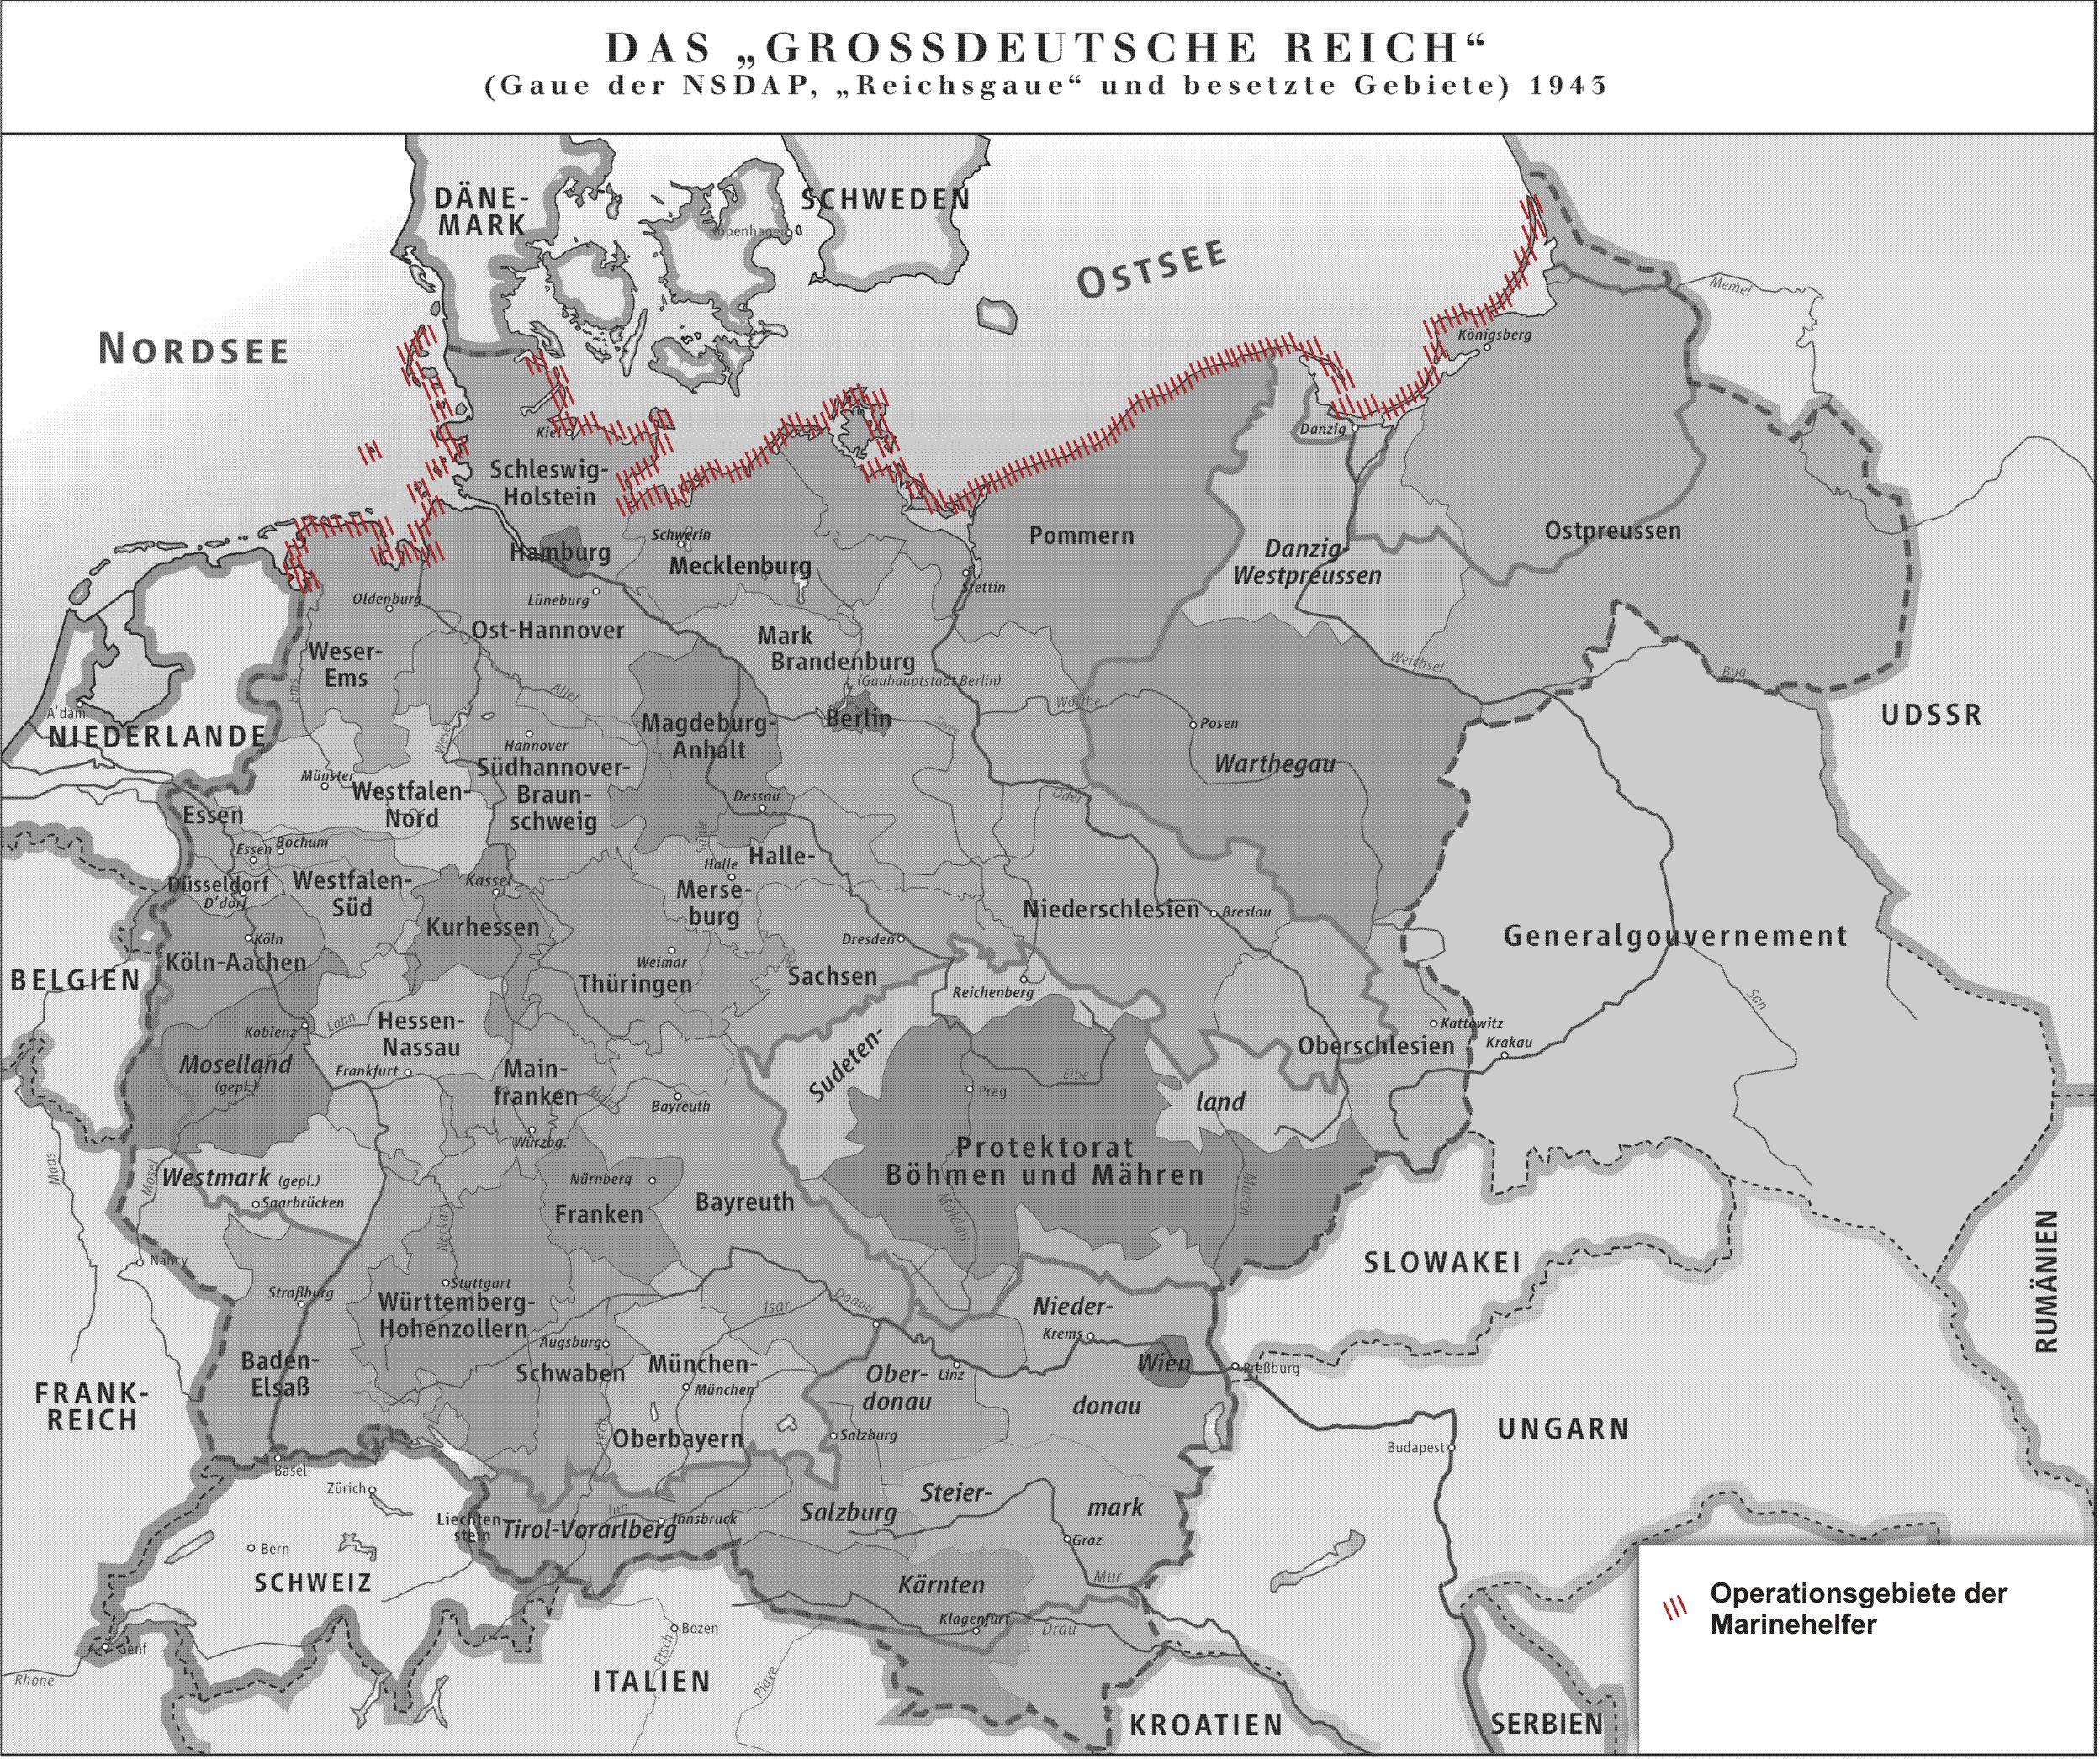 """Karte des """"Großdeutschen Reiches"""" 1943. An der Küste dargestellt das Operationsgebiet der Marinehelfer Author GDR.png: ziegelbrenner"""